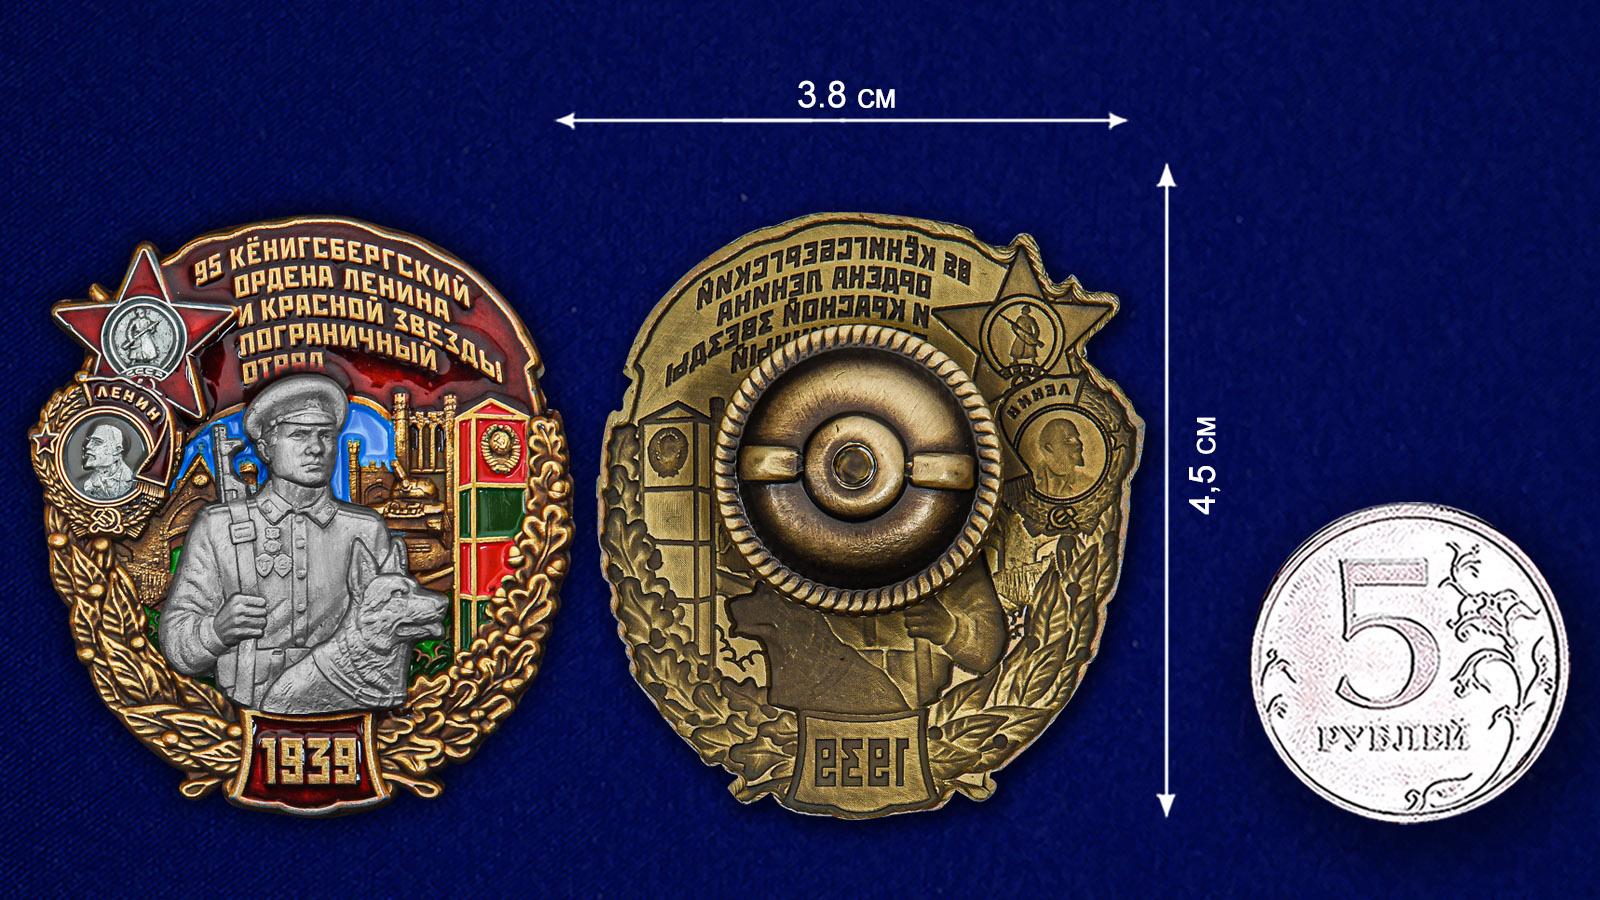 """Знак """"95 Кёнигсбергский Пограничный отряд"""" - размер"""